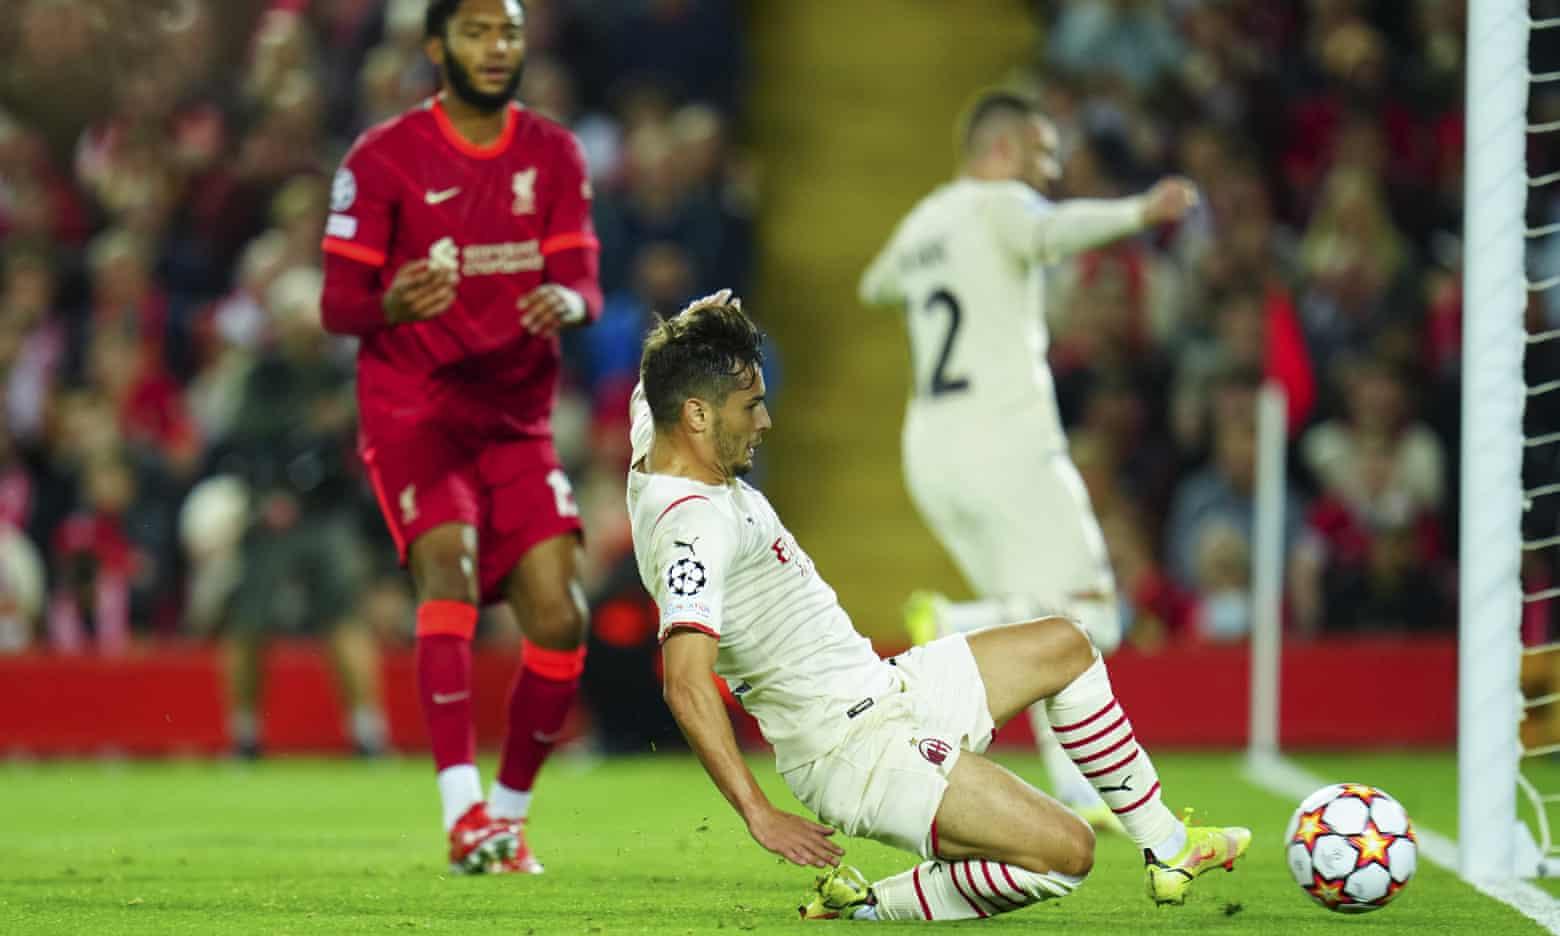 Brahim Diaz ghi bàn nâng tỷ số lên 2-1 cho Milan trong ít phút cuối hiệp một mà họ chơi ấn tượng nhất trên sân Anfield hôm 15/9. Ảnh: Shutterstock